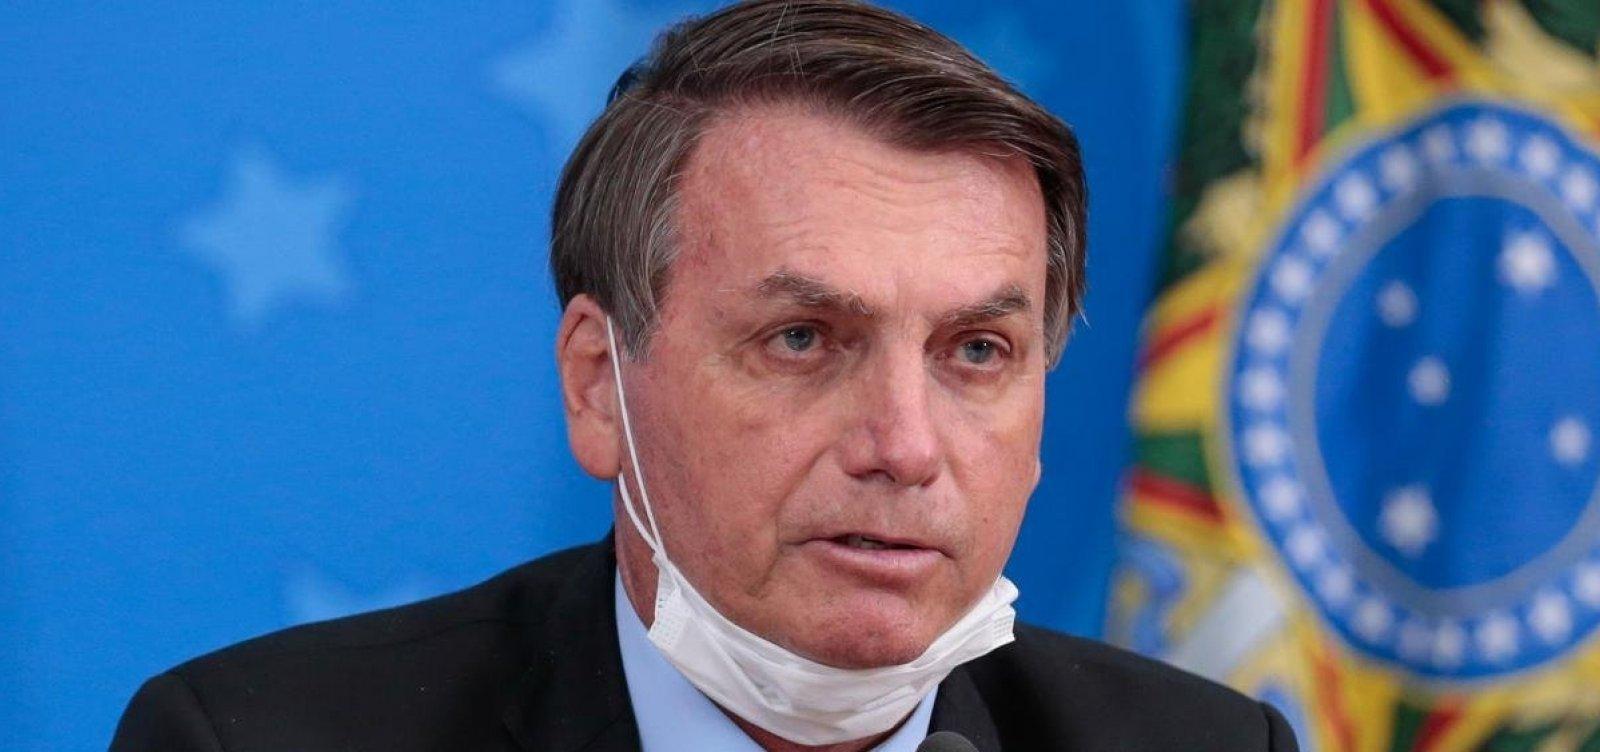 Presidente Jair Bolsonaro está com sintomas de Covid-19, diz CNN